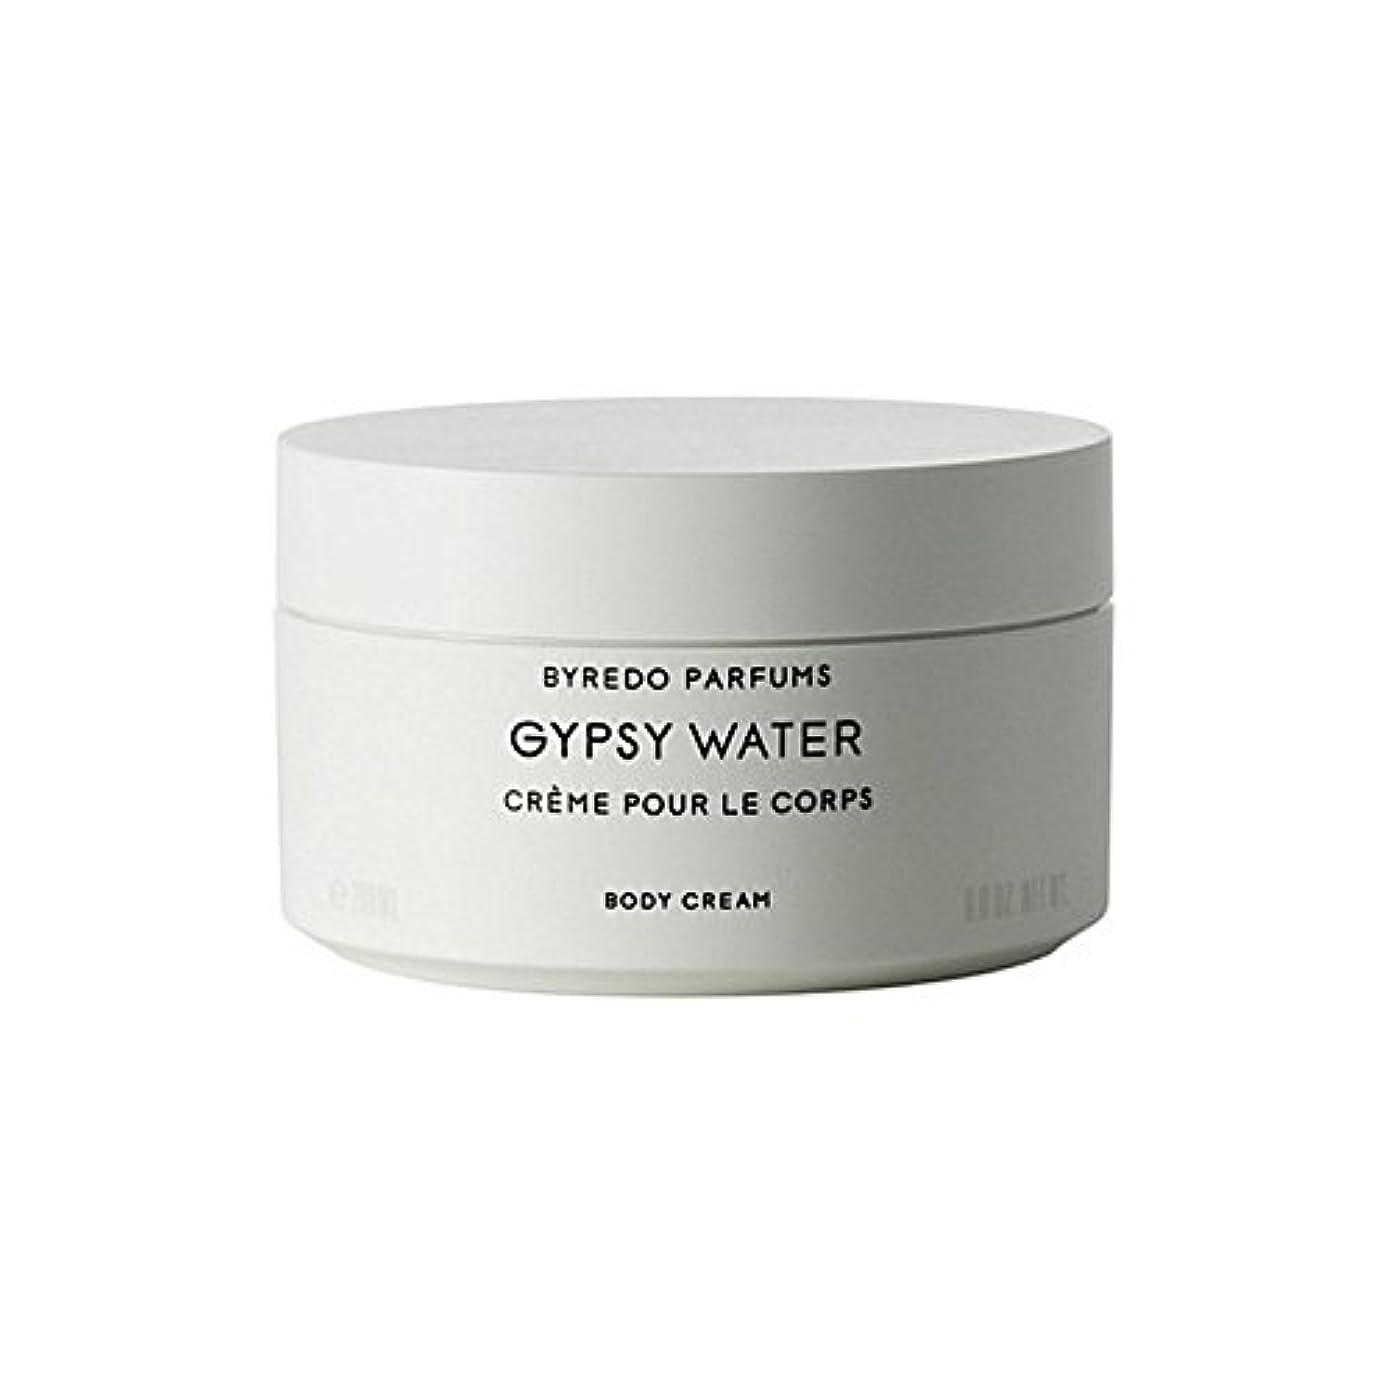 険しい筋肉のロビージプシー水ボディクリーム200ミリリットル x4 - Byredo Gypsy Water Body Cream 200ml (Pack of 4) [並行輸入品]